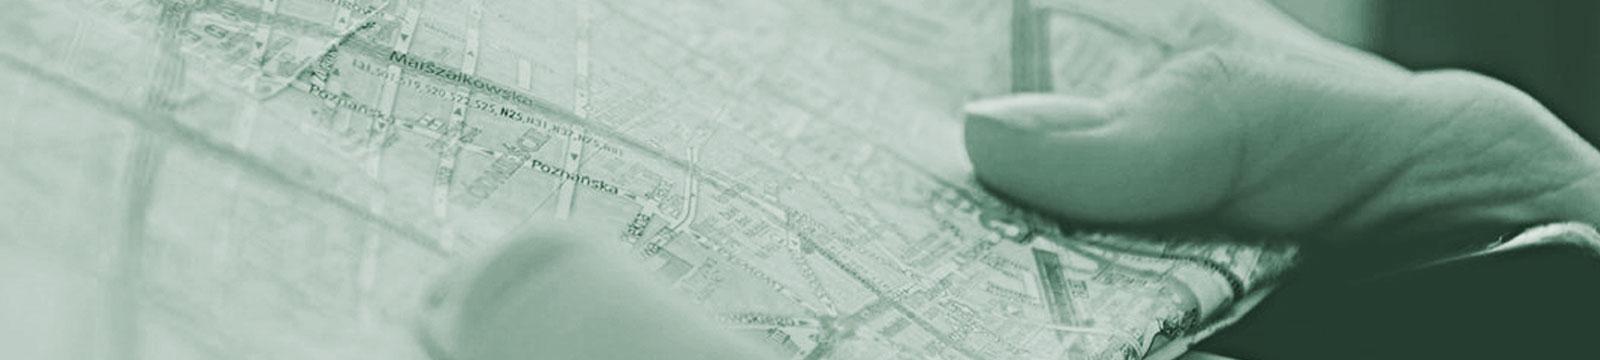 ricks-location-map.jpg